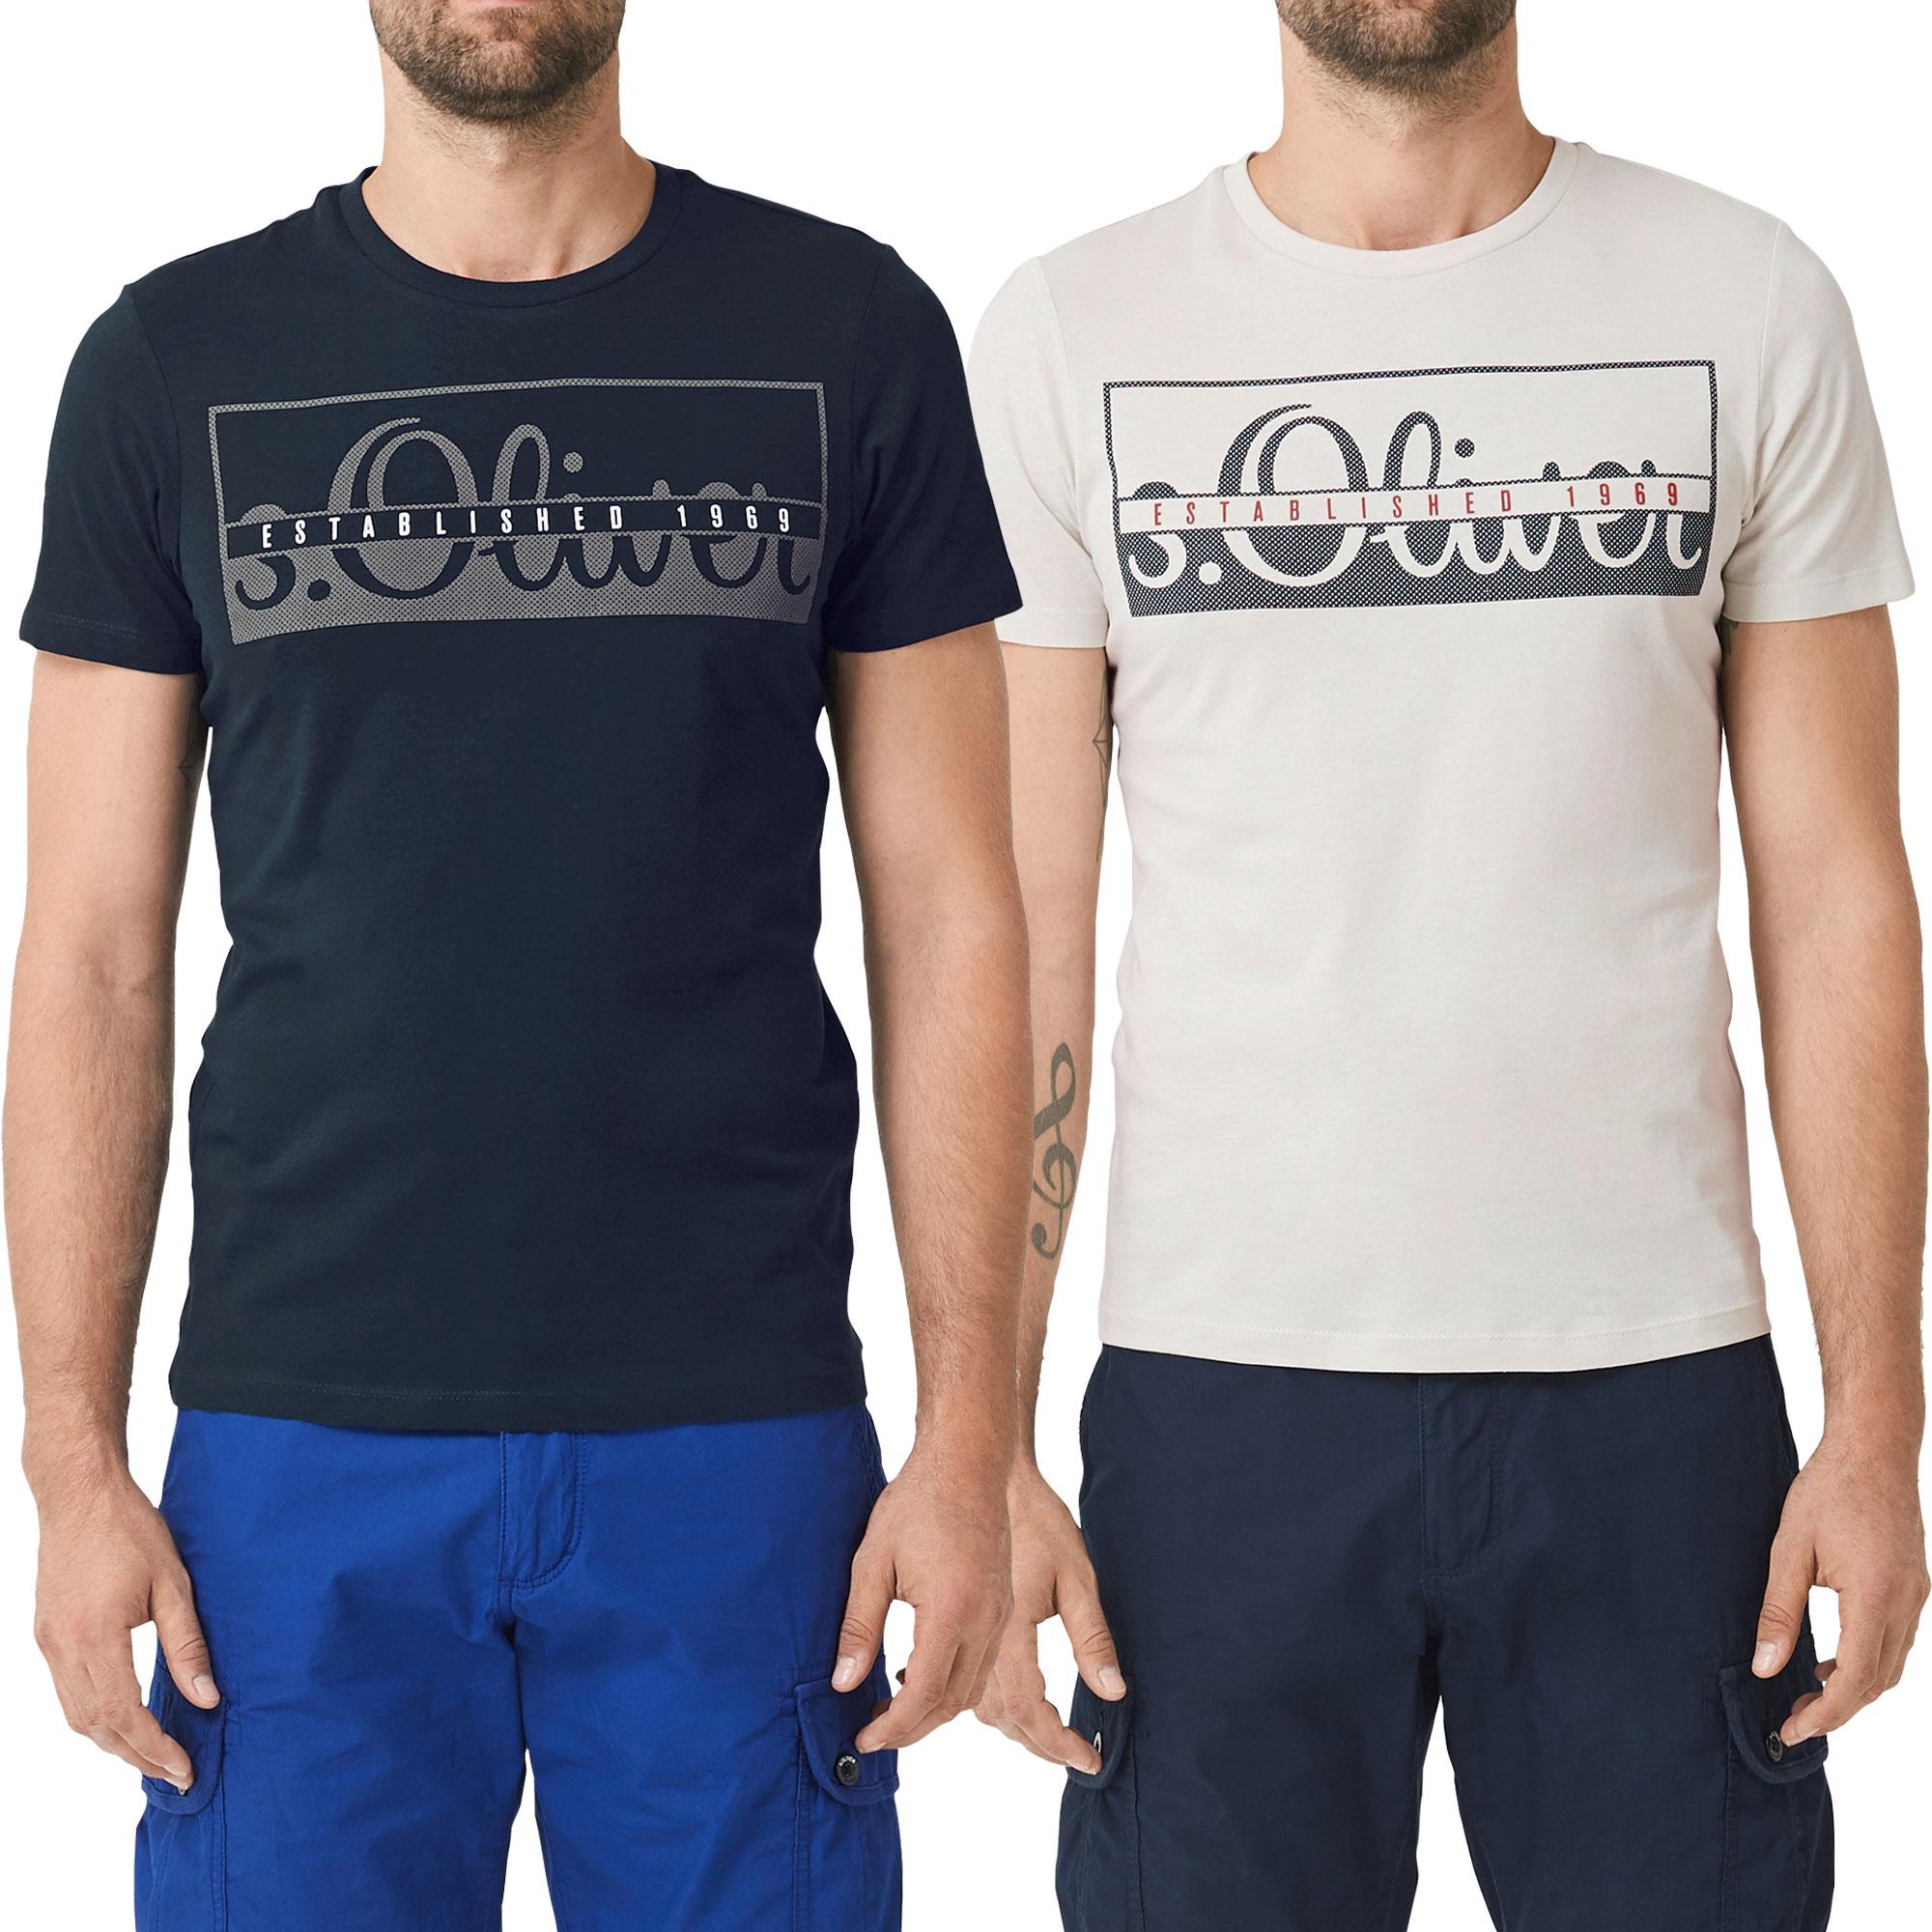 s.Oliver Herren T-Shirt, Rundhals Slim Fit, 2 Stück – Bild 5